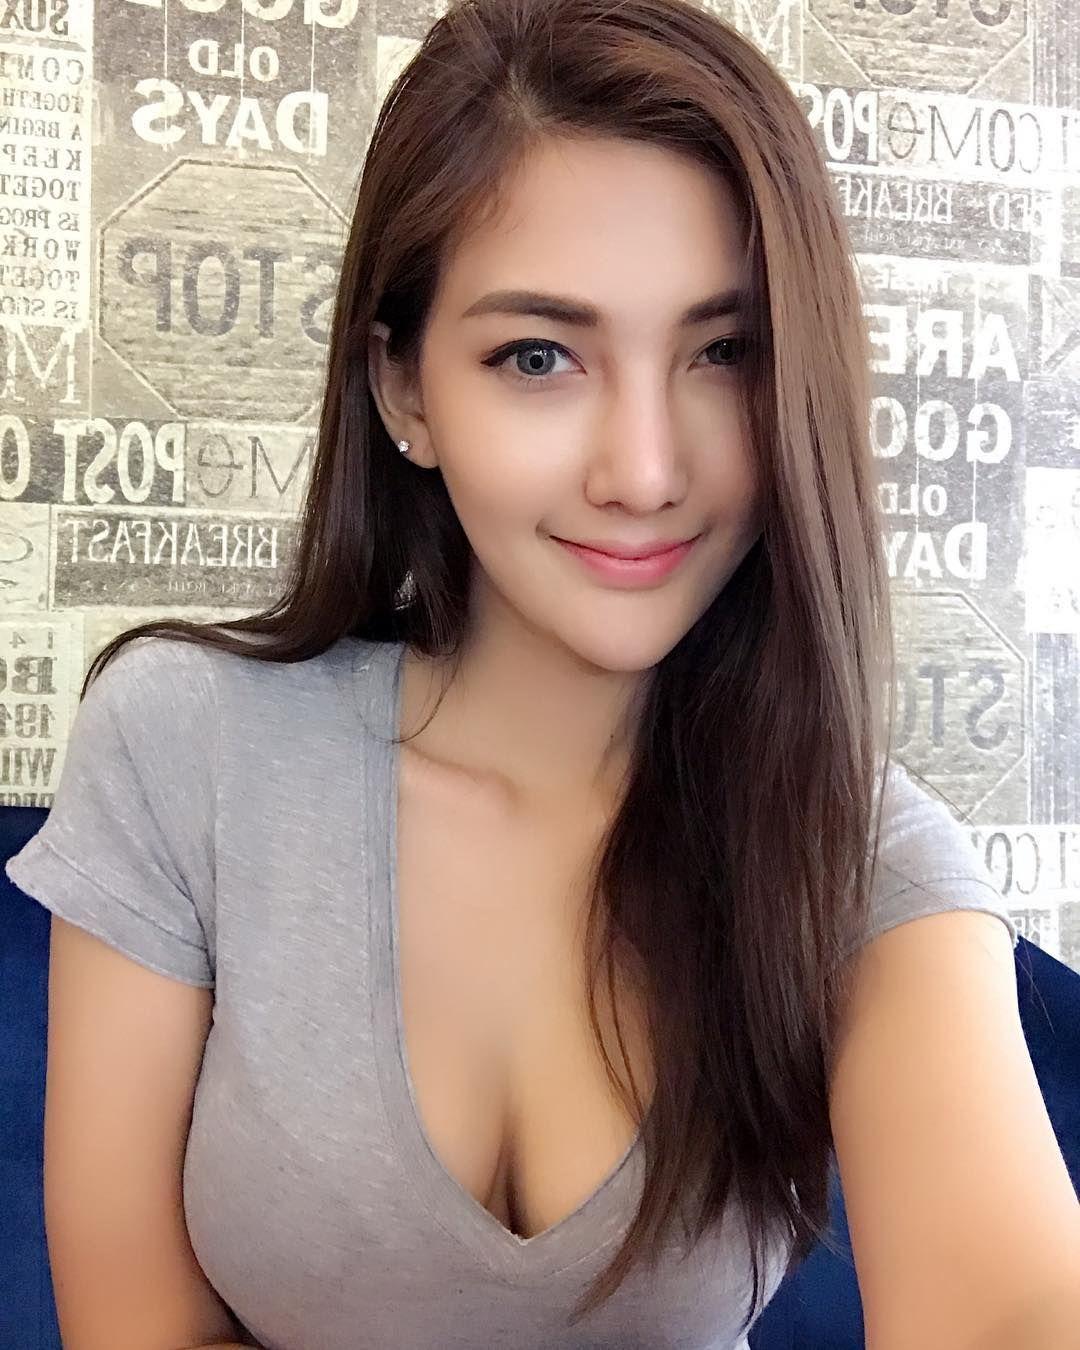 Pretty Face Asian Woman Asian Girl Asian Models Gorgeous Women You